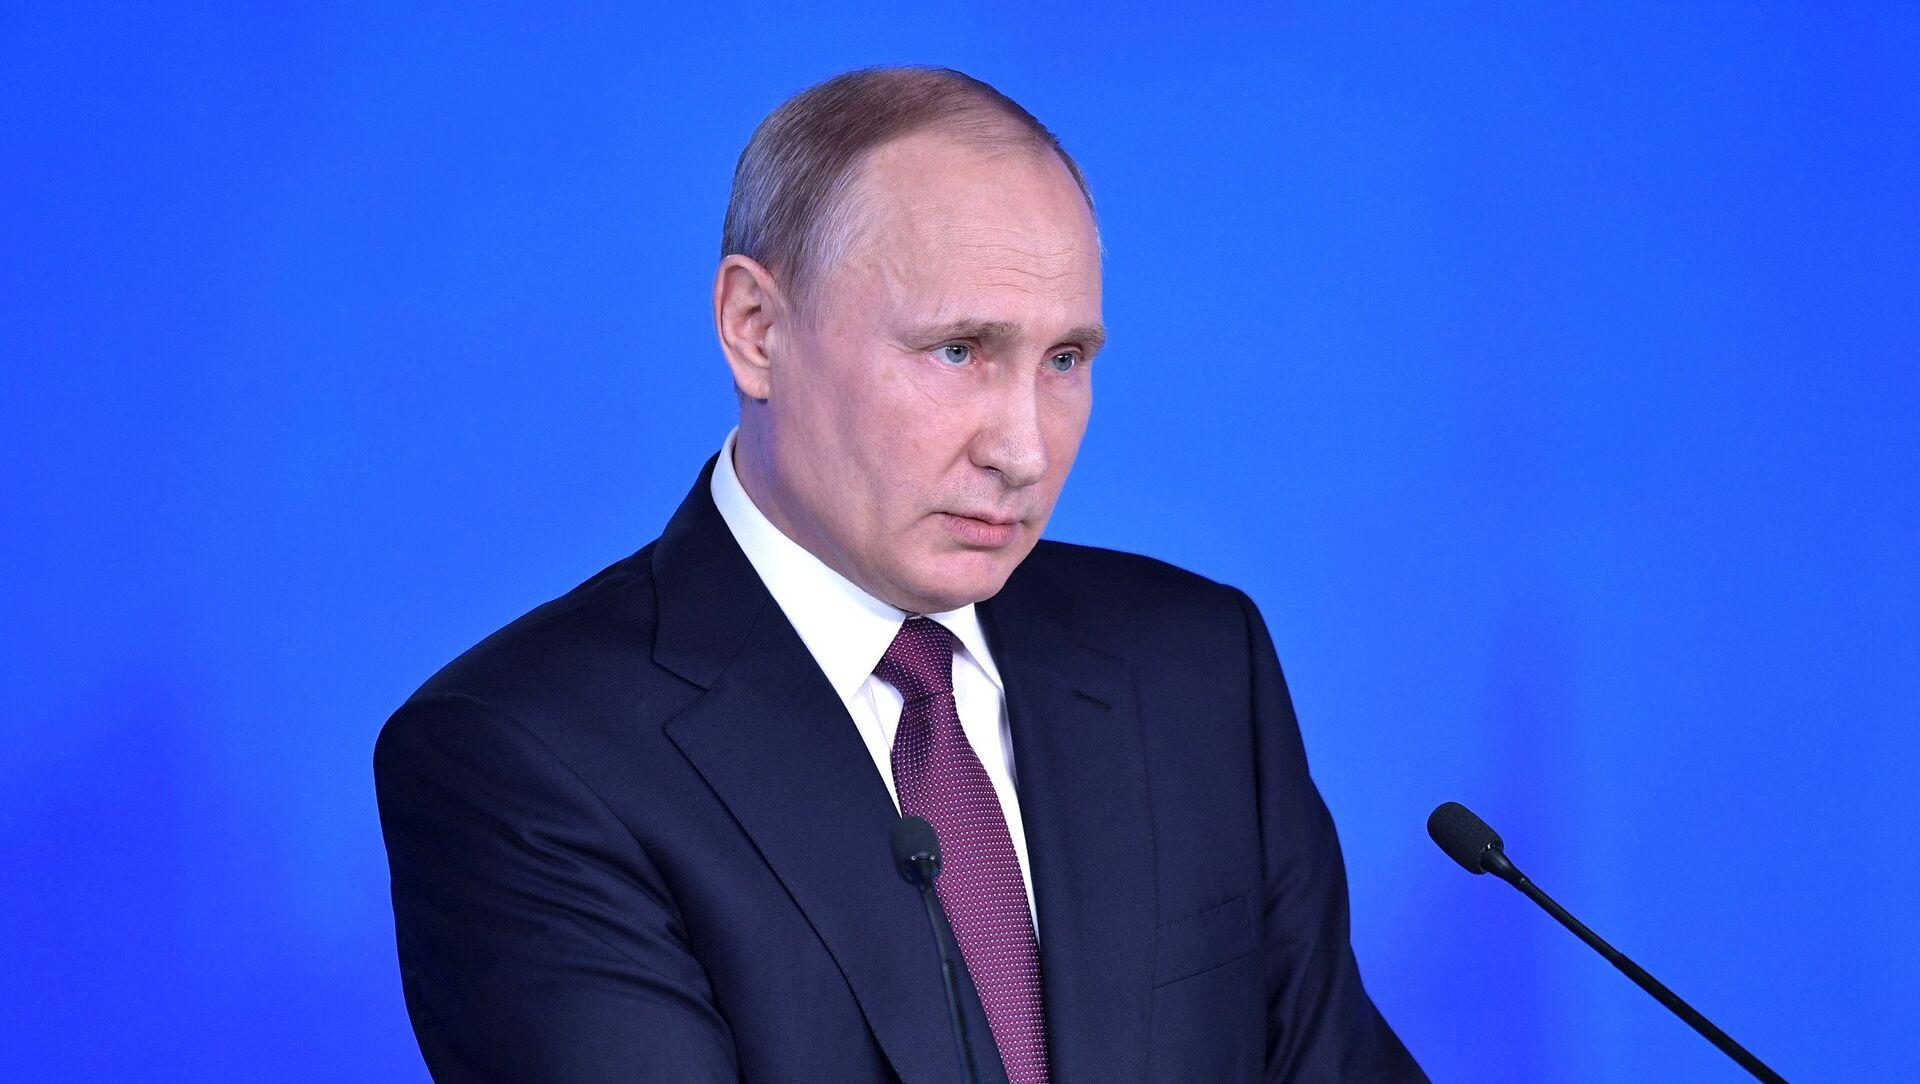 Ruski predsednik Vladimir Putin obraća se Federalnoj skupštini - Sputnik Srbija, 1920, 21.04.2021